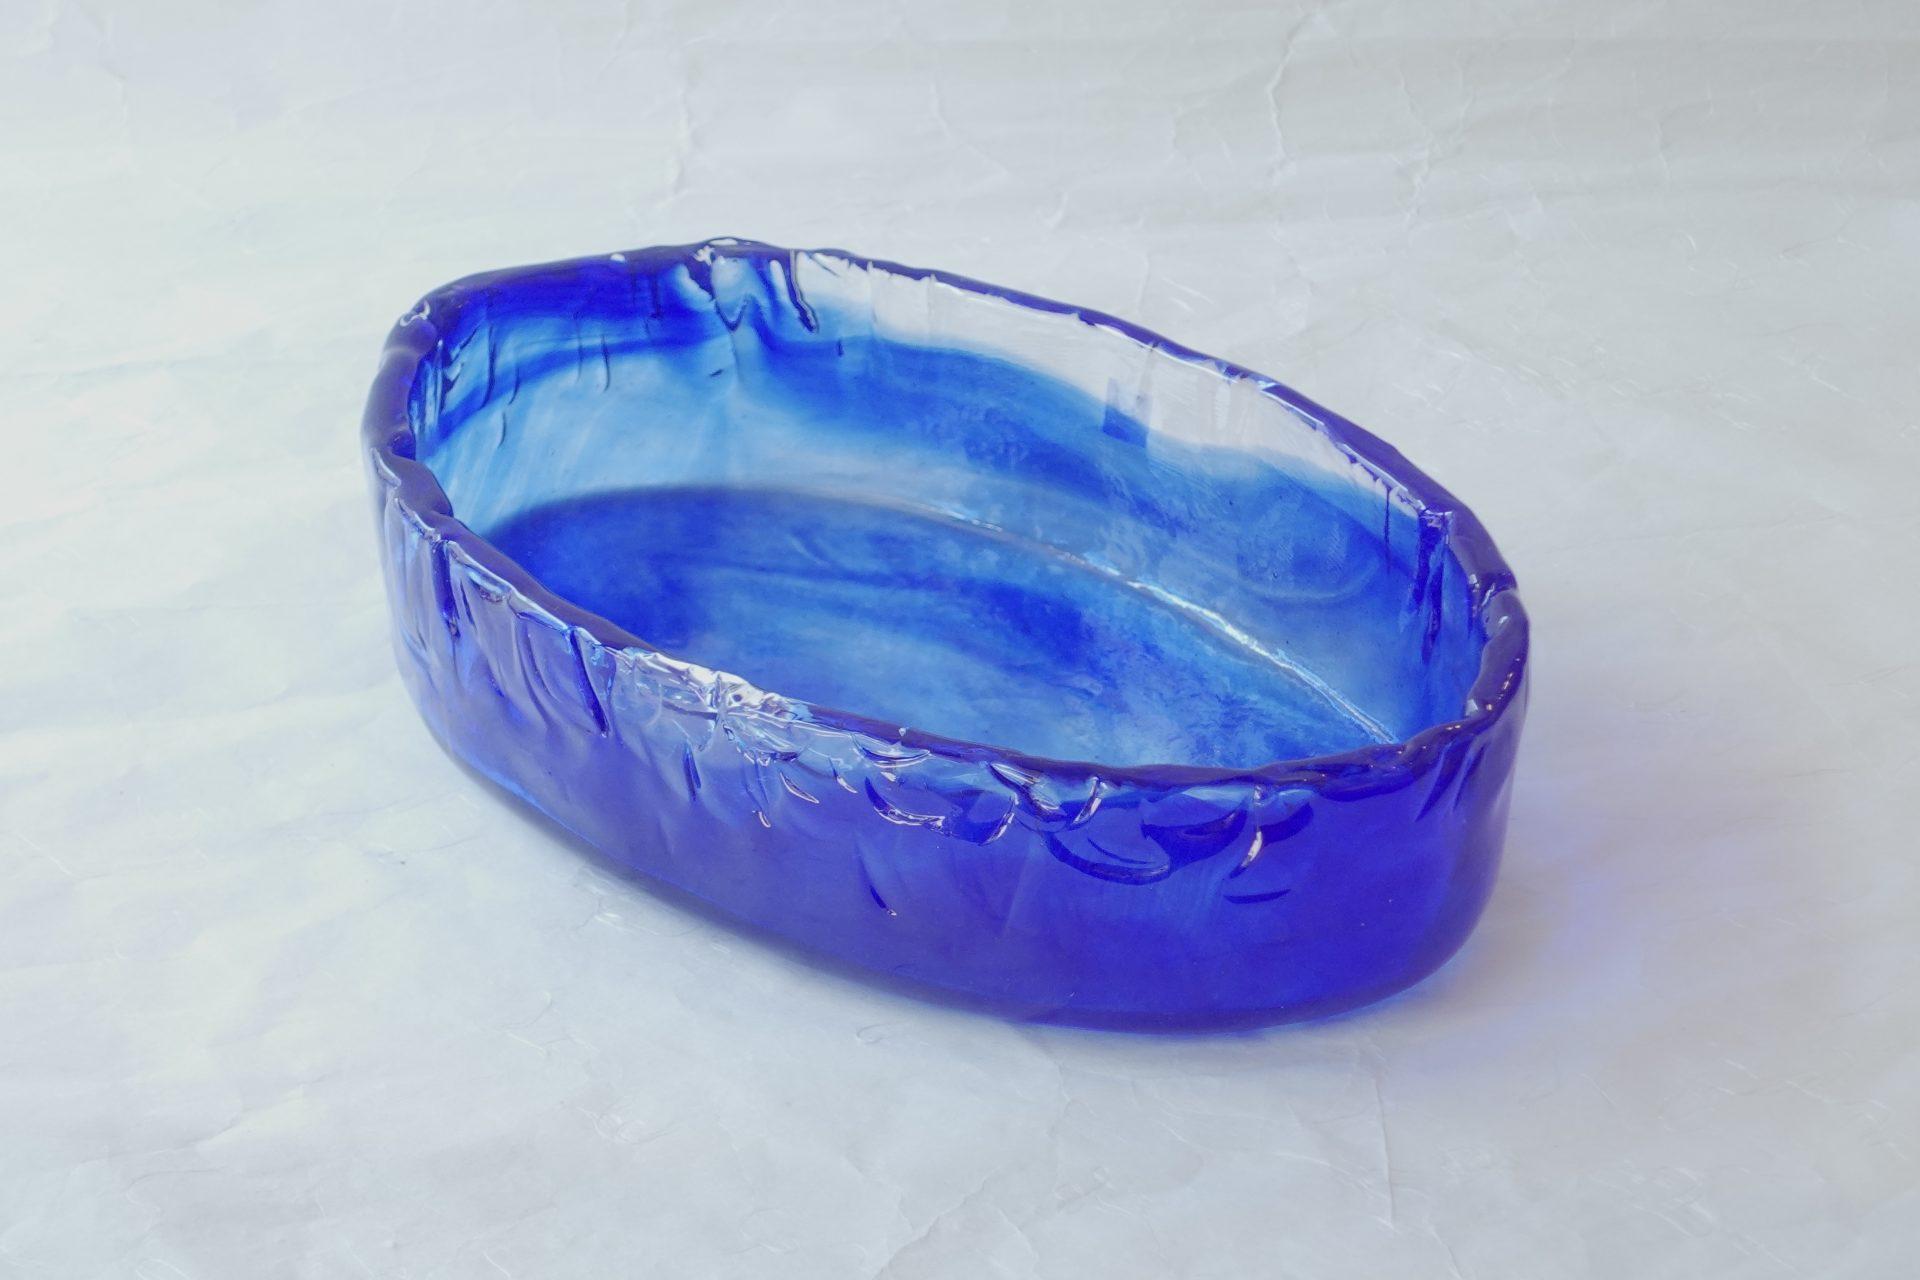 ガラス 日本製 手づくり 水盤 花器 ガラス職人 味わいある ルリ色 自然の文様 涼し気 ハンドメイド 楕円形 本格的 花を活ける 生け花 シンプル 汎用性が高い どっしり 存在感 お洒落